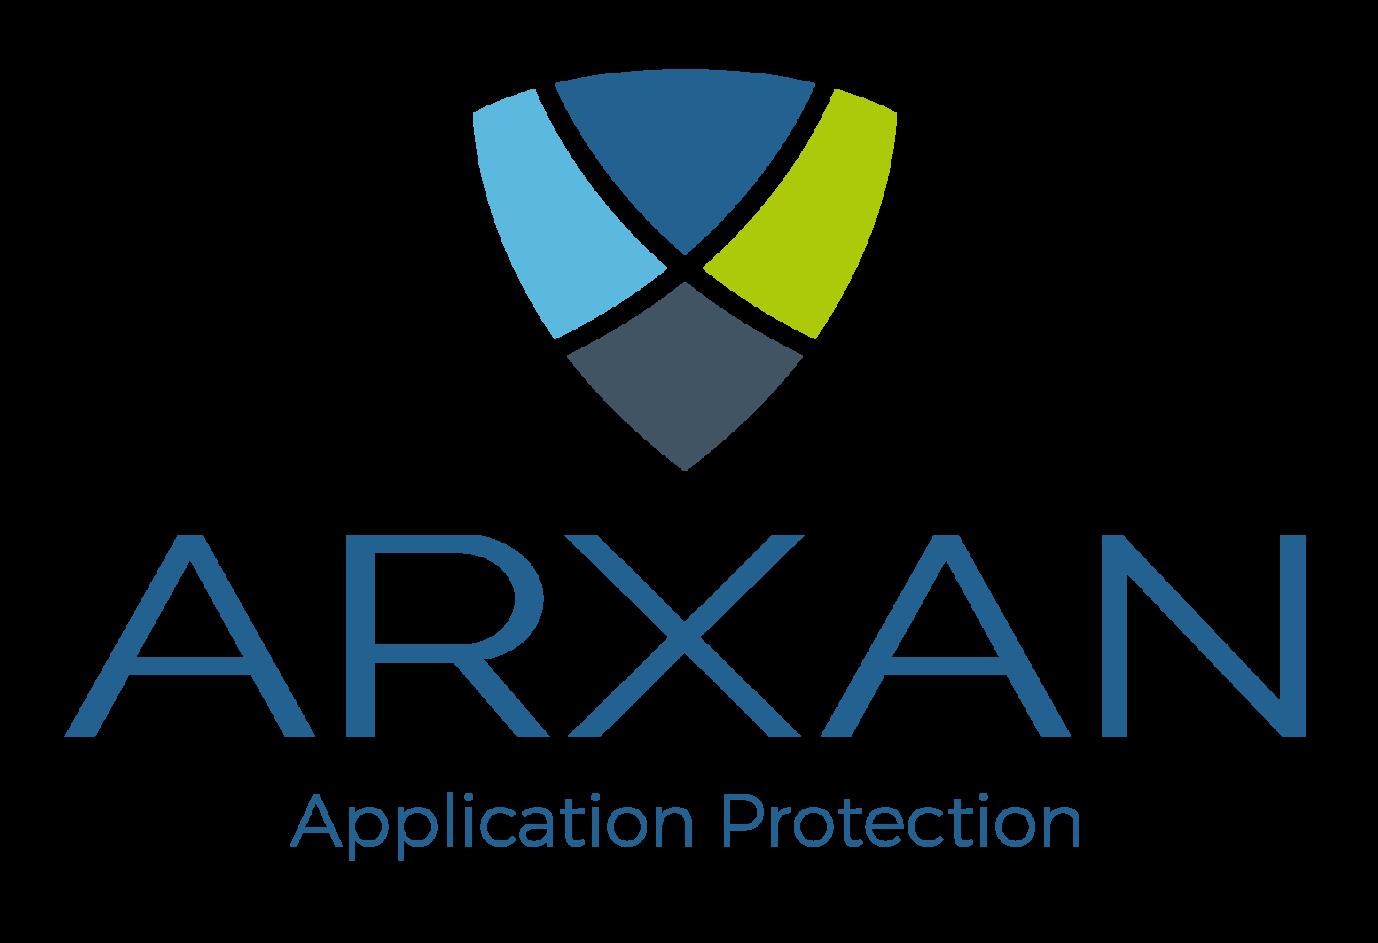 arxan_logo.png